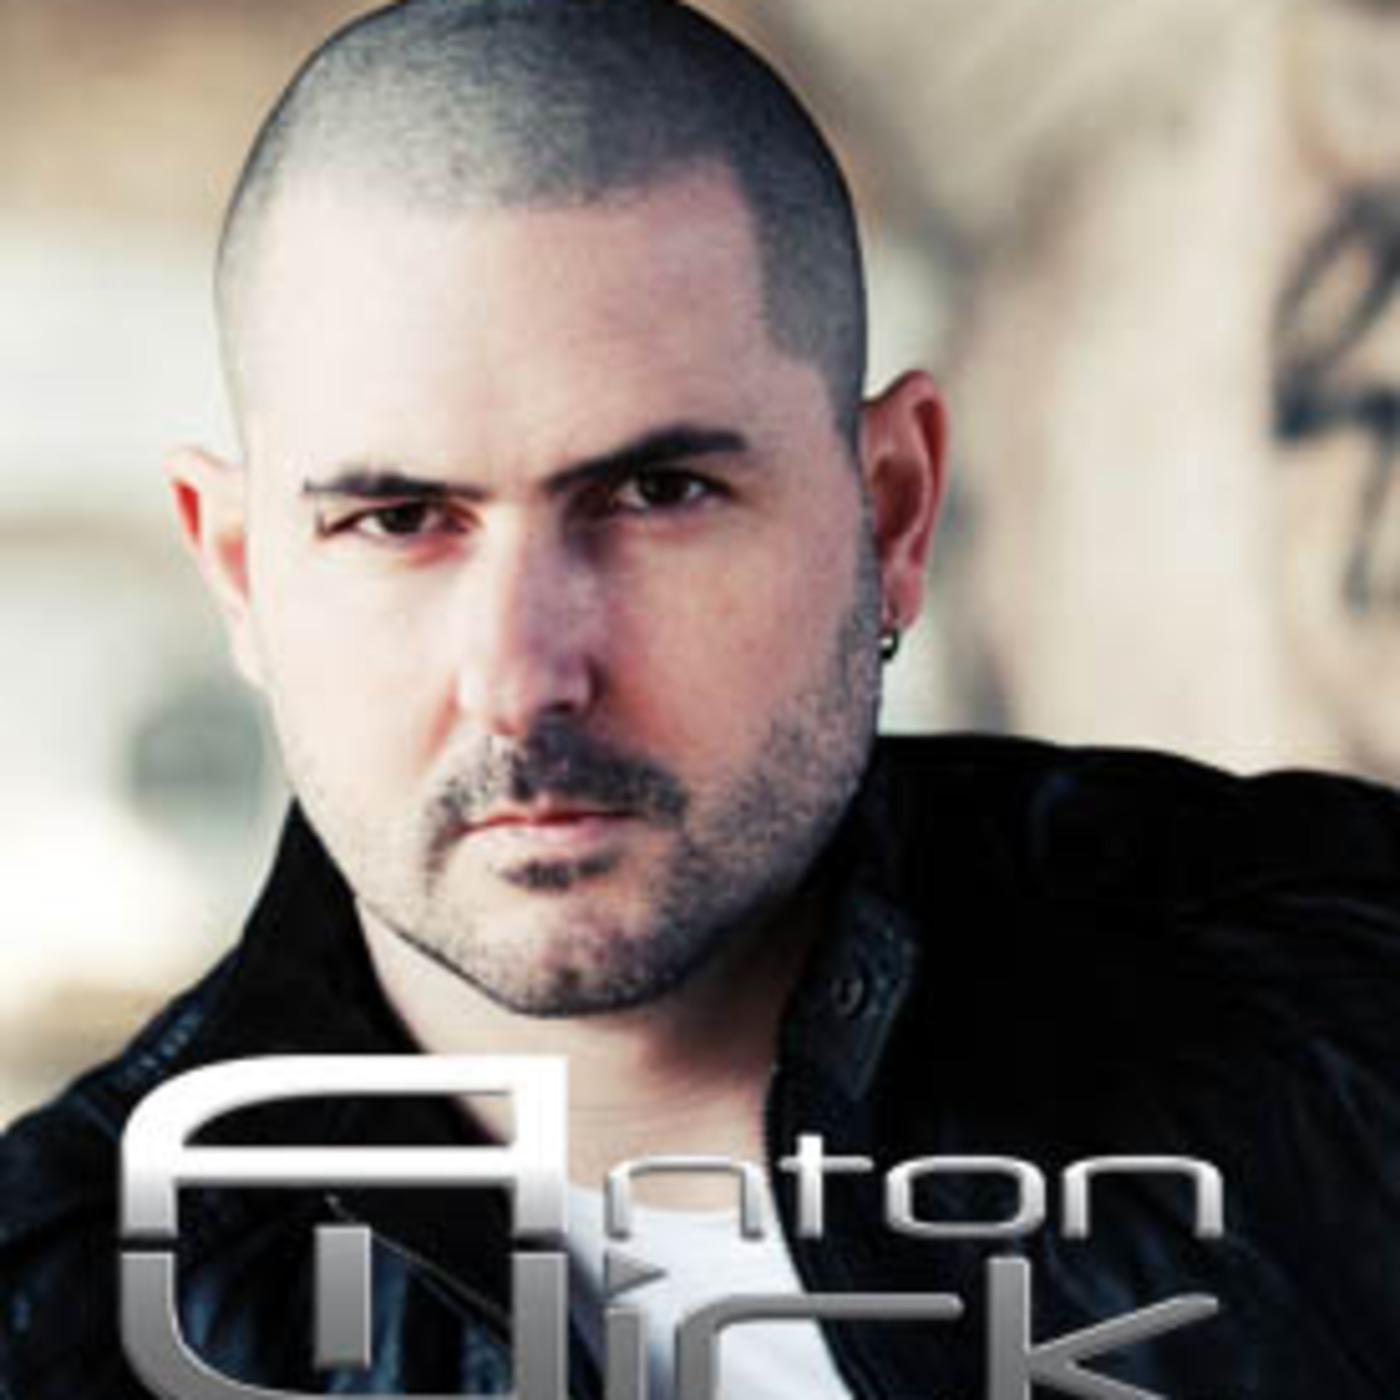 anton wick's Podcast